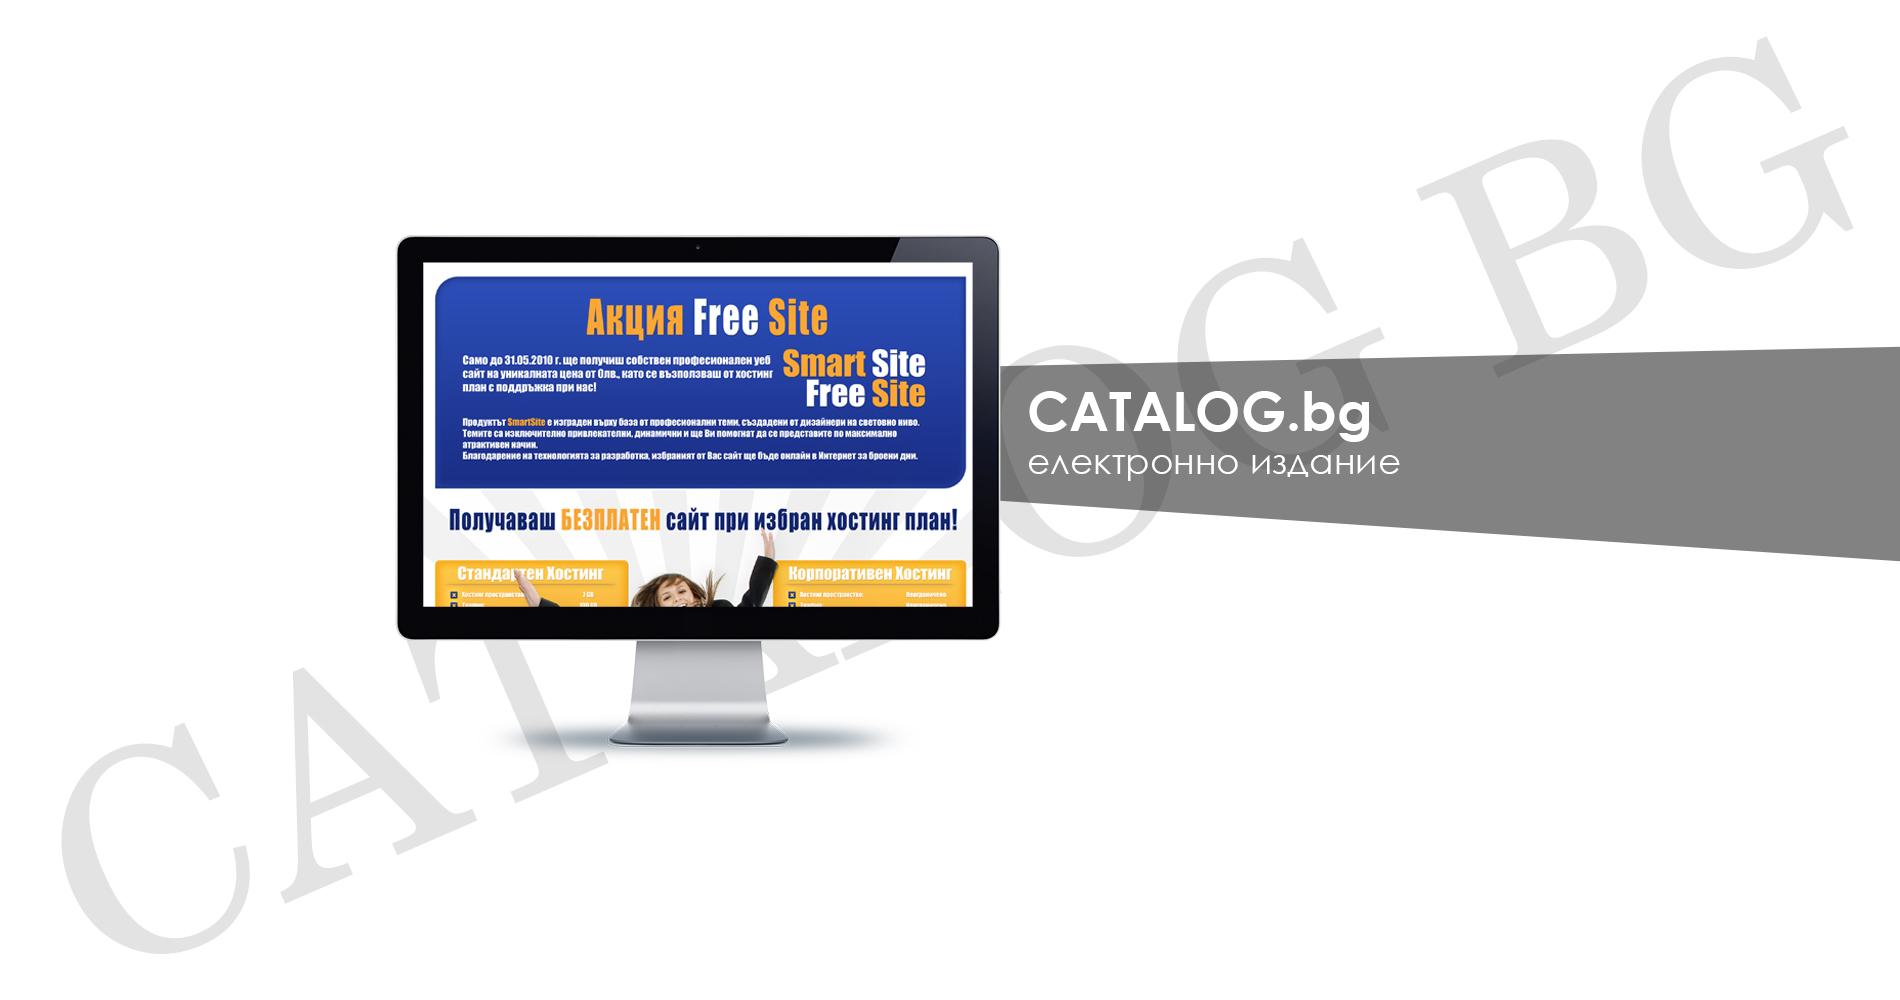 Уеб сайт на Catalog.bg